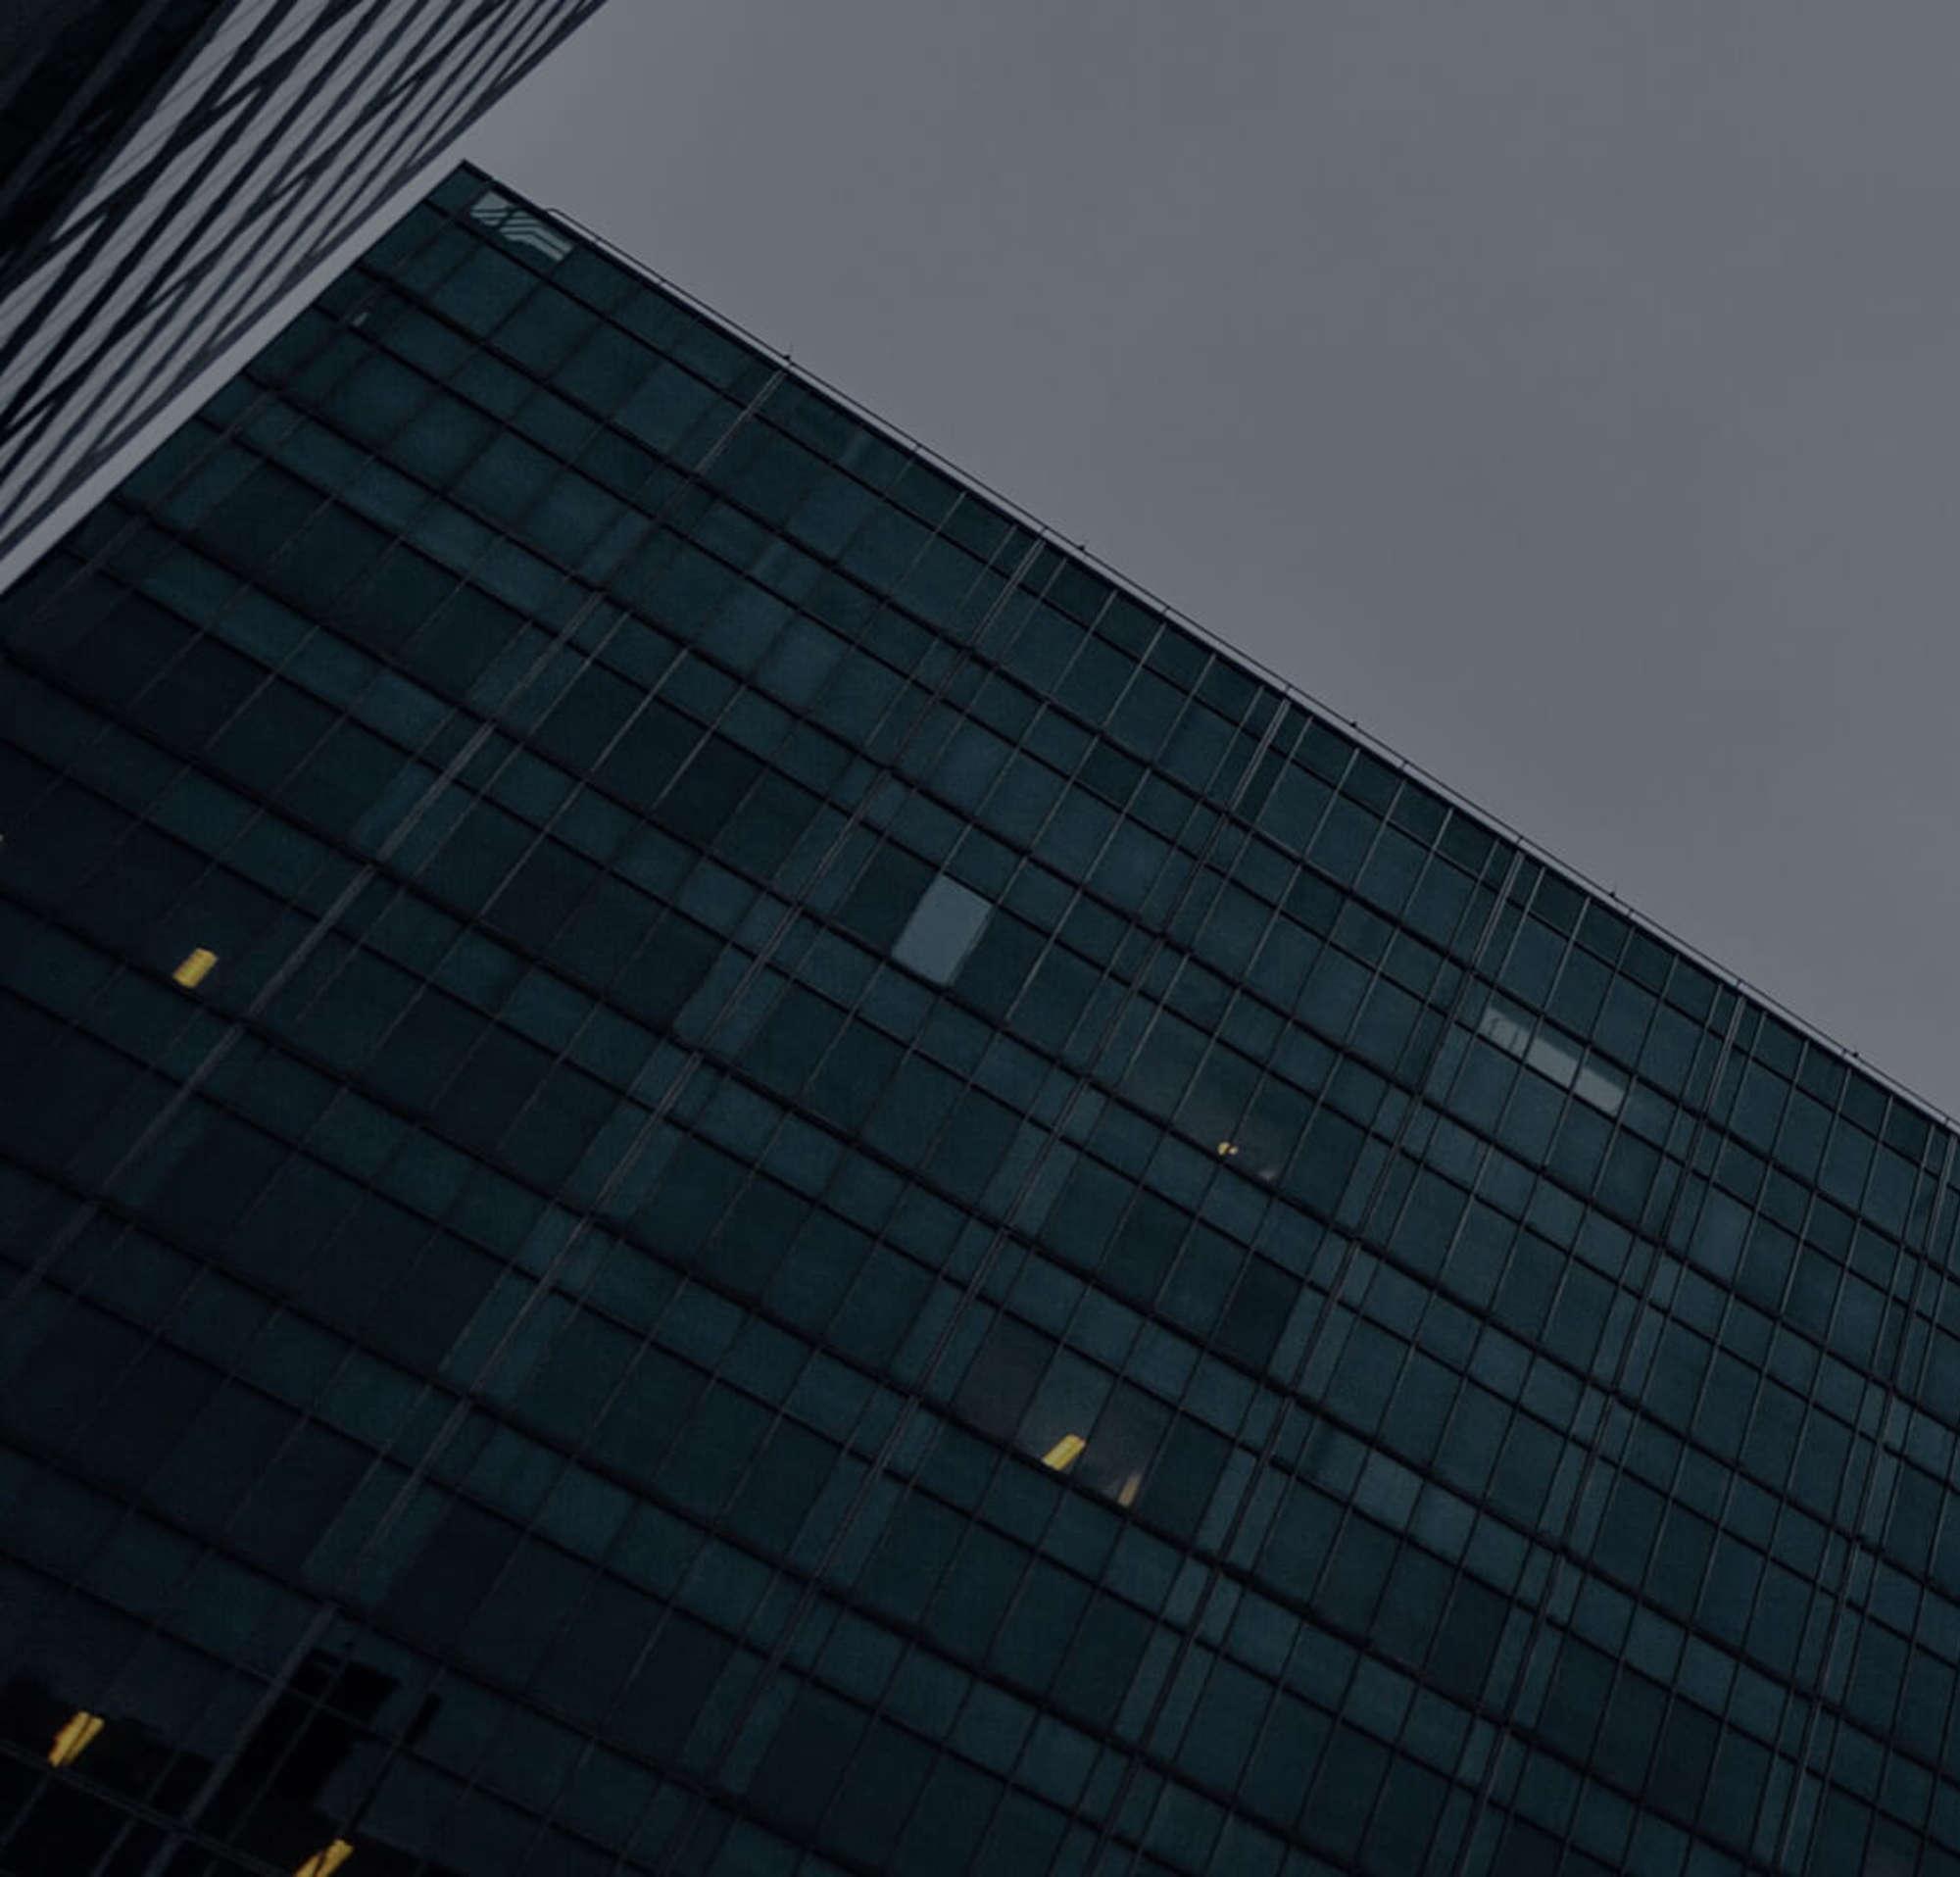 Uma foto da base de um arranha-céu e outro prédio comercial à luz da noite em um dia nublado.